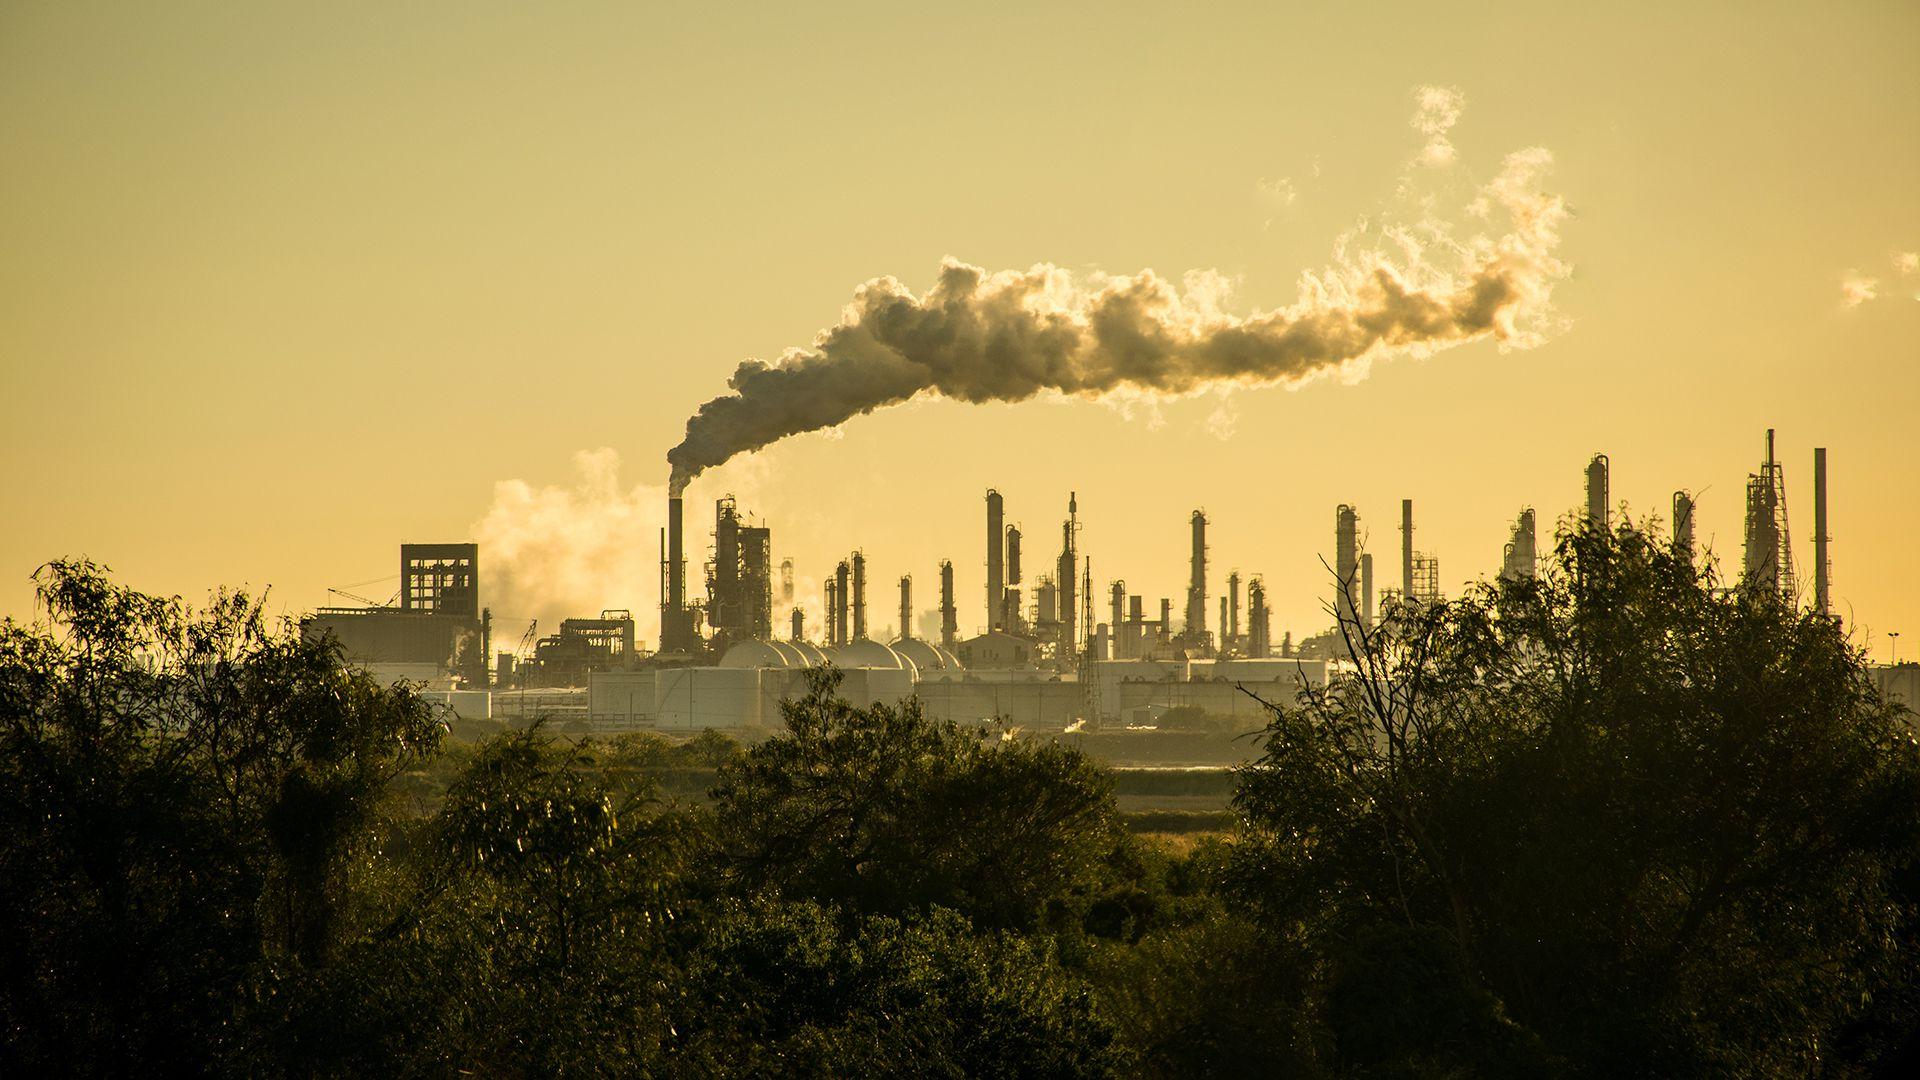 La concentración de CO2 en la atmósfera alcanzó un nivel récord de 407,8 partes por millón (ppm) en 2018 (Shutterstock)